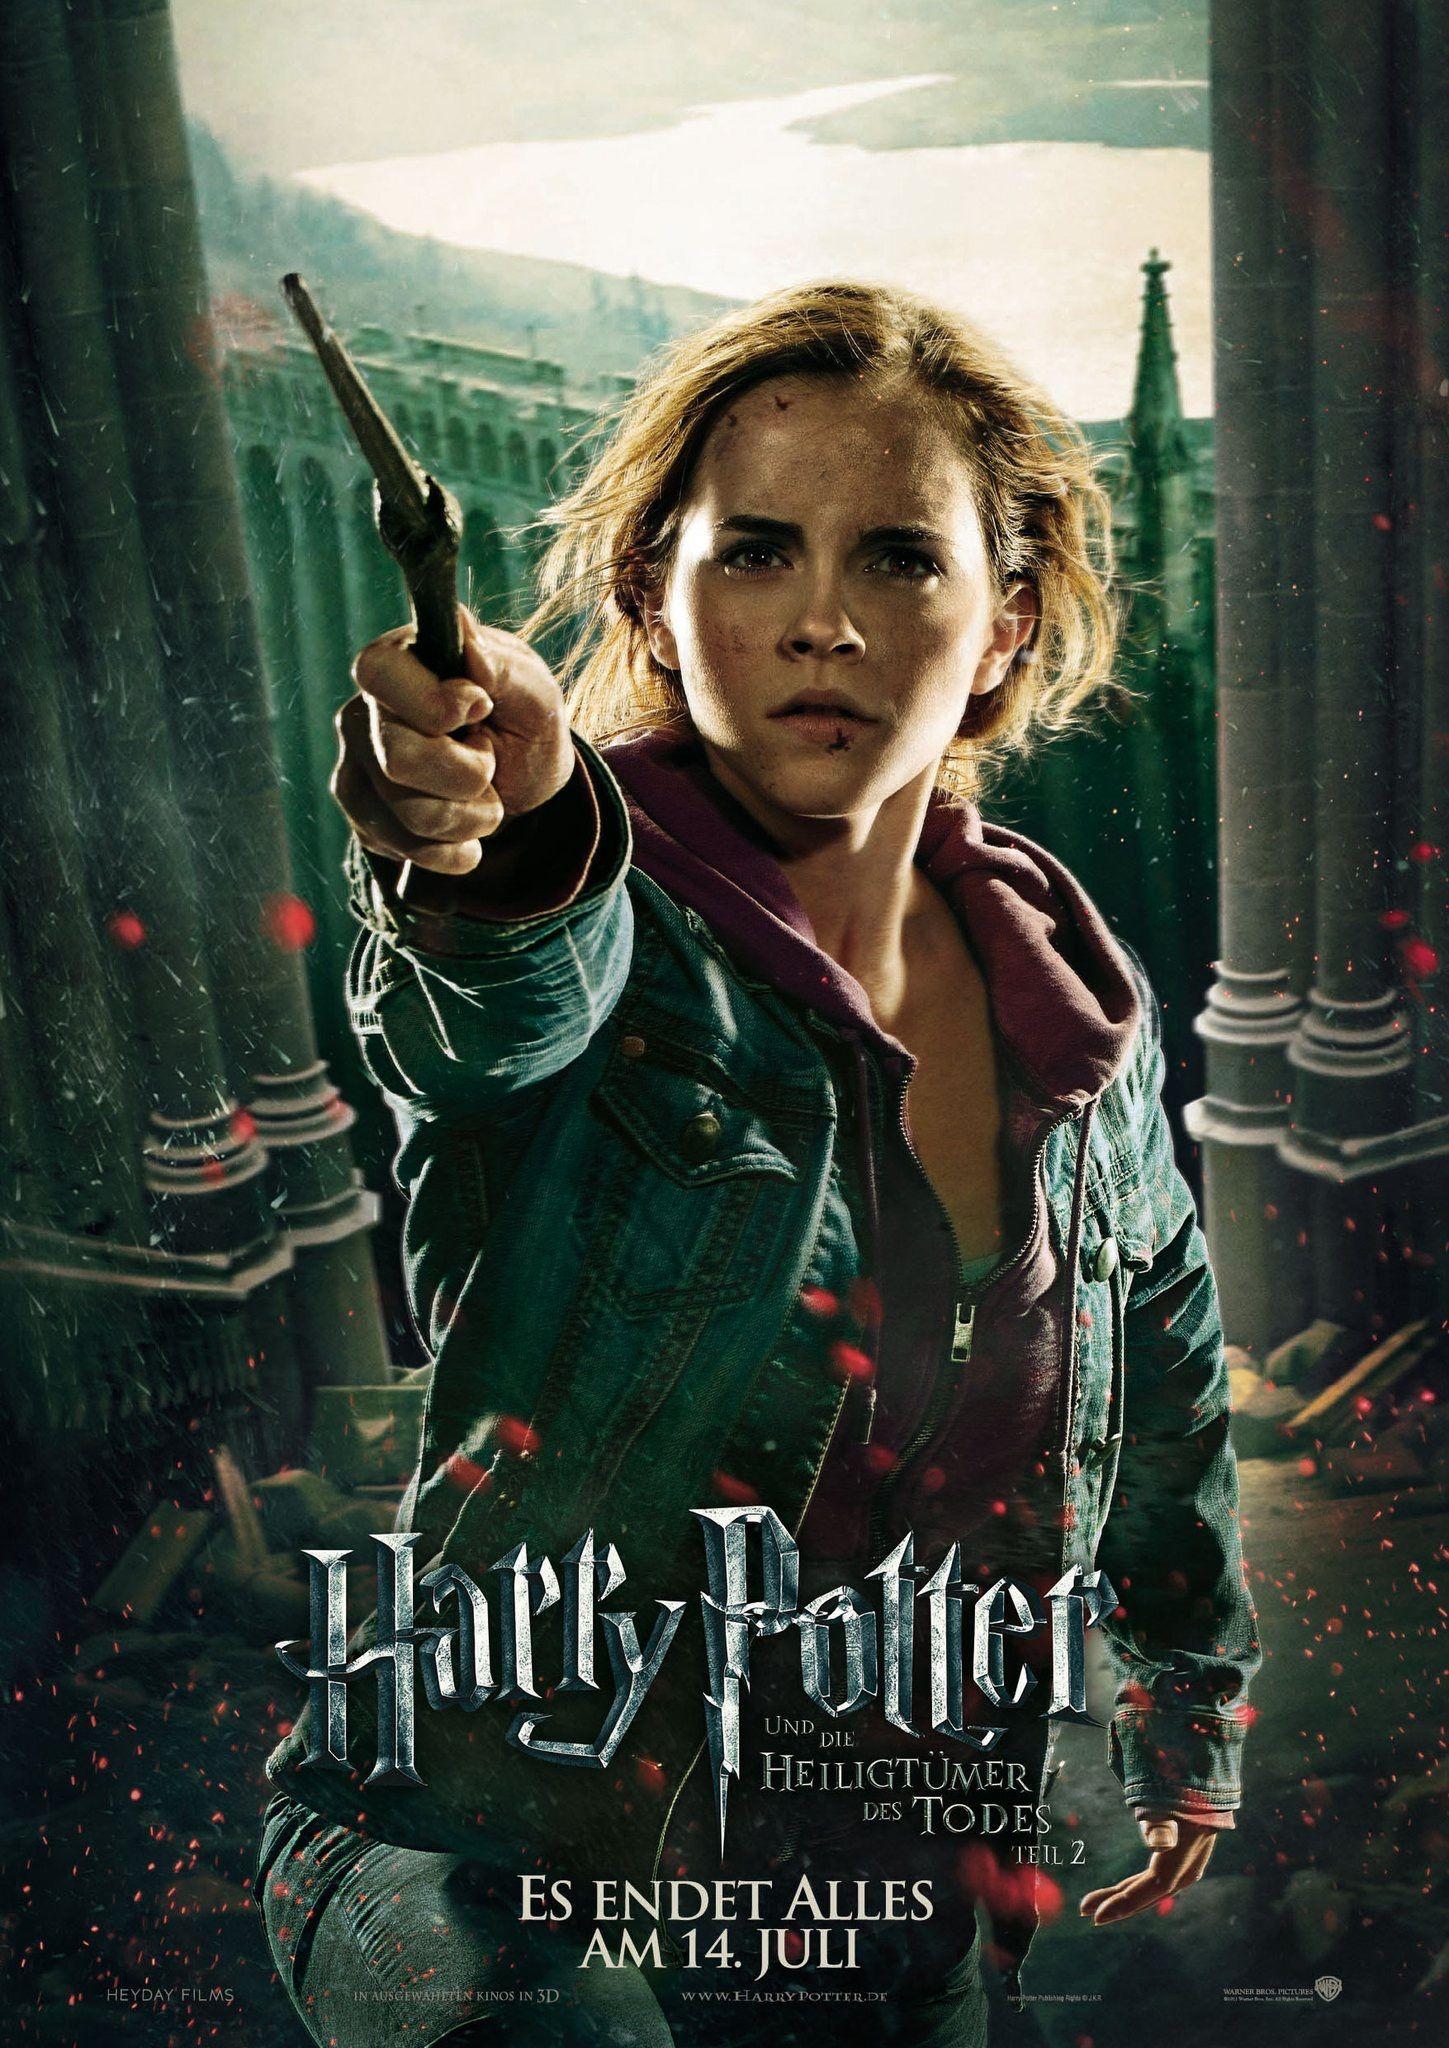 Harry Potter Und Die Heiligtumer Des Todes Teil 2 Movie Poster Hermine Gr In 2020 Harry Potter Phone Harry Potter Deathly Hallows Part 2